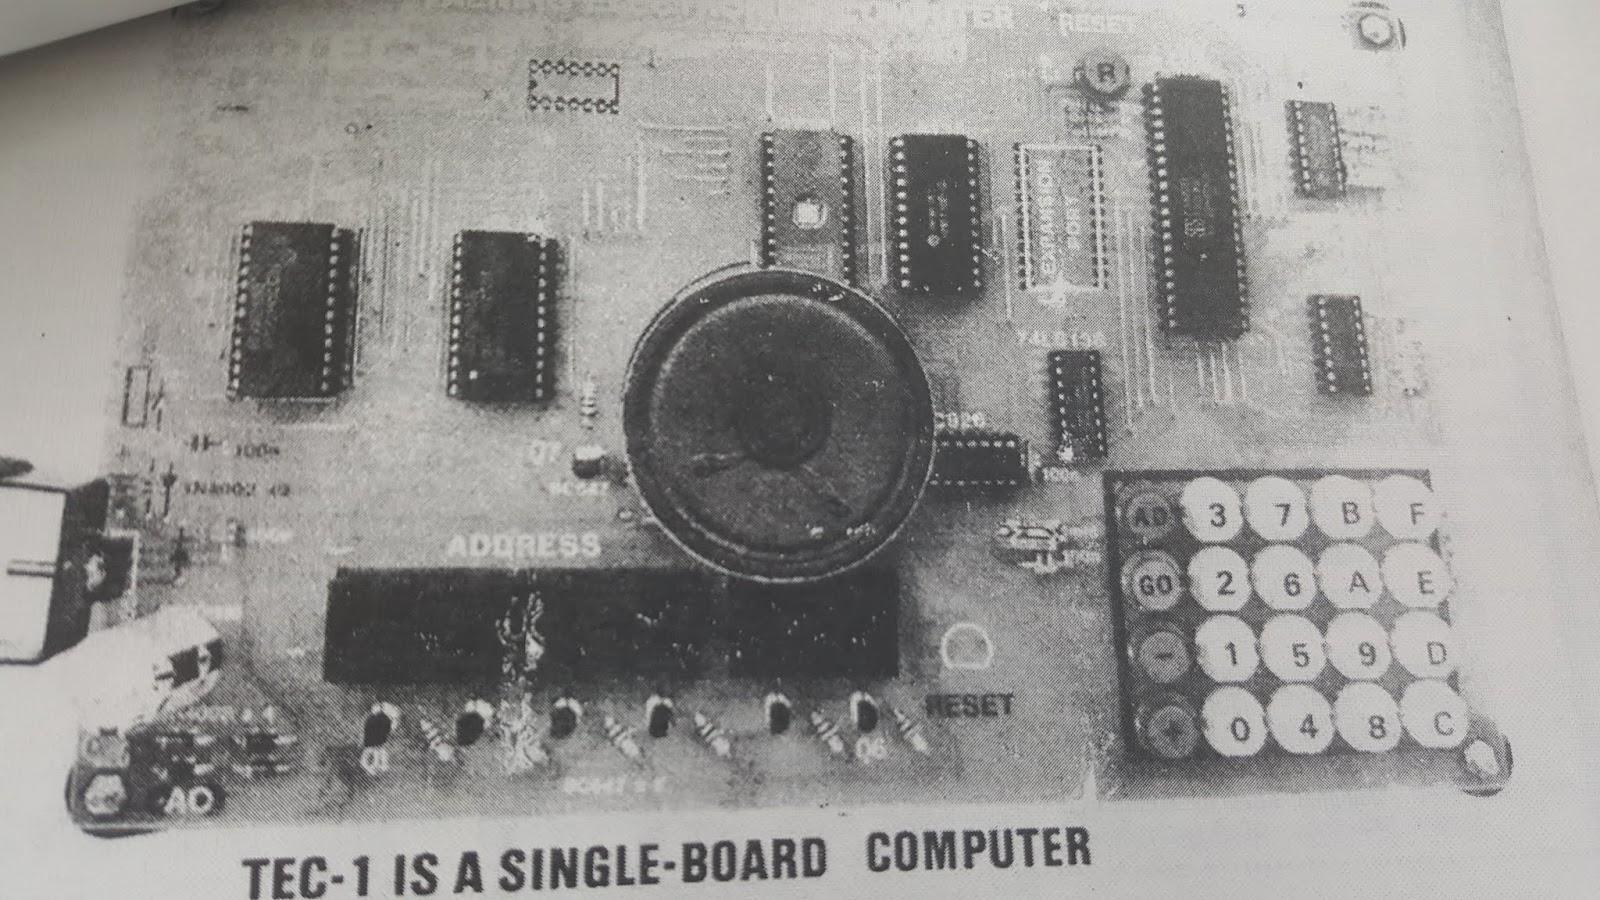 JonDent - Exploring Electronic Music: Tec 1D - computer